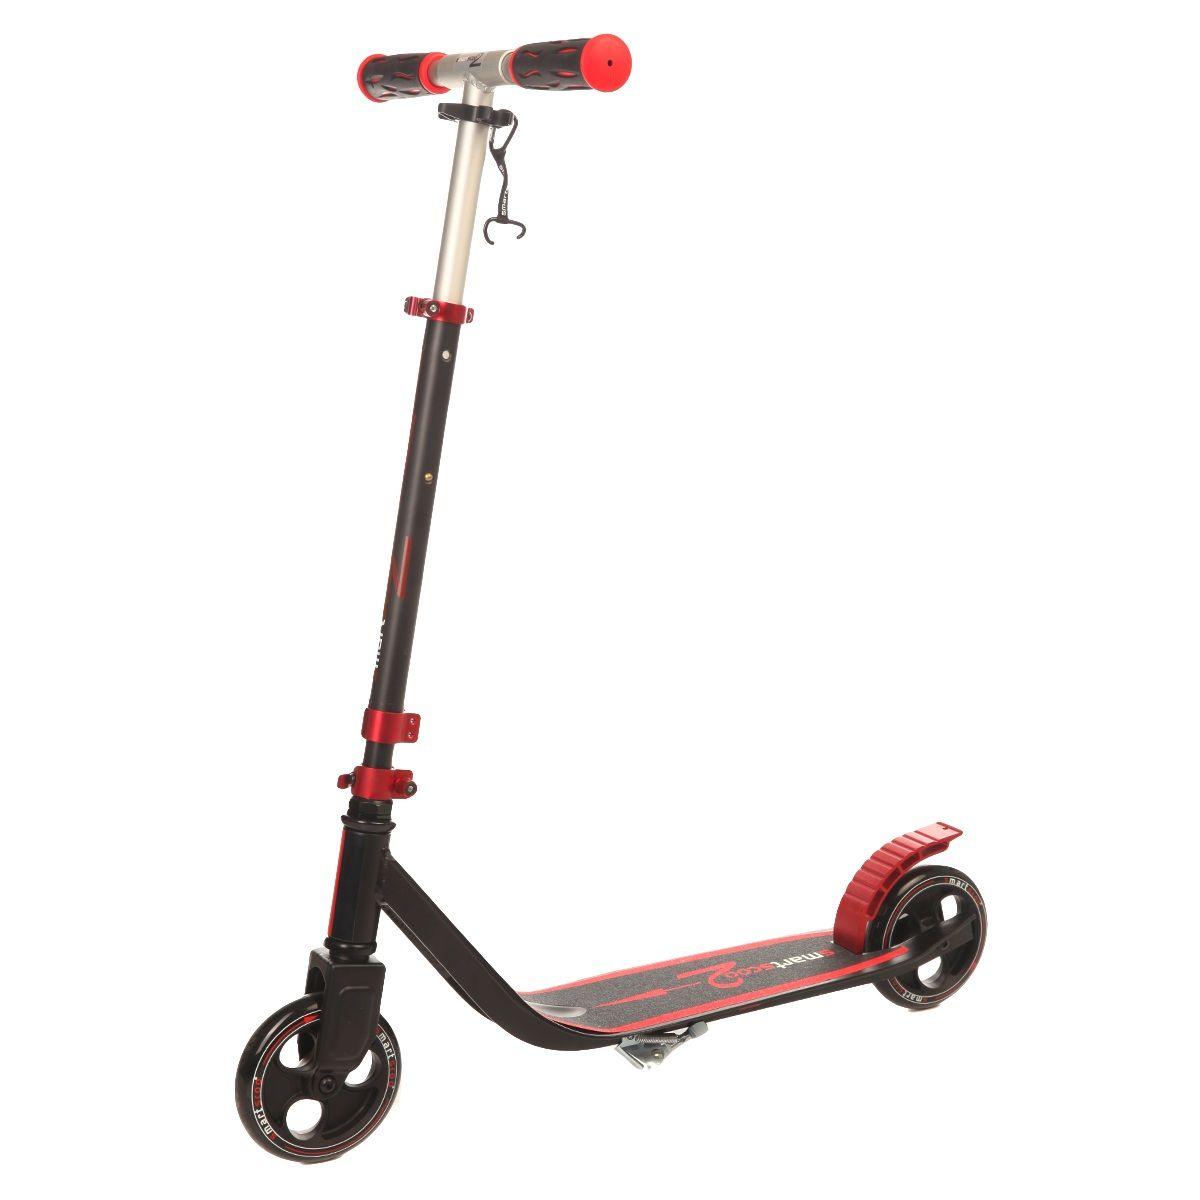 Самокат Fun4u Smartscoo, цвет: красный, черныйMS-190-13-2Складывающийся самокат для детей и взрослых. Колеса: 145 мм, цветные Подшипники: abec 5Алюминий с защитно-декоративным оксидным покрытием Максимальная нагрузка - 100 кгУдобная раскладывающаяся системаВес- 3,4 кг